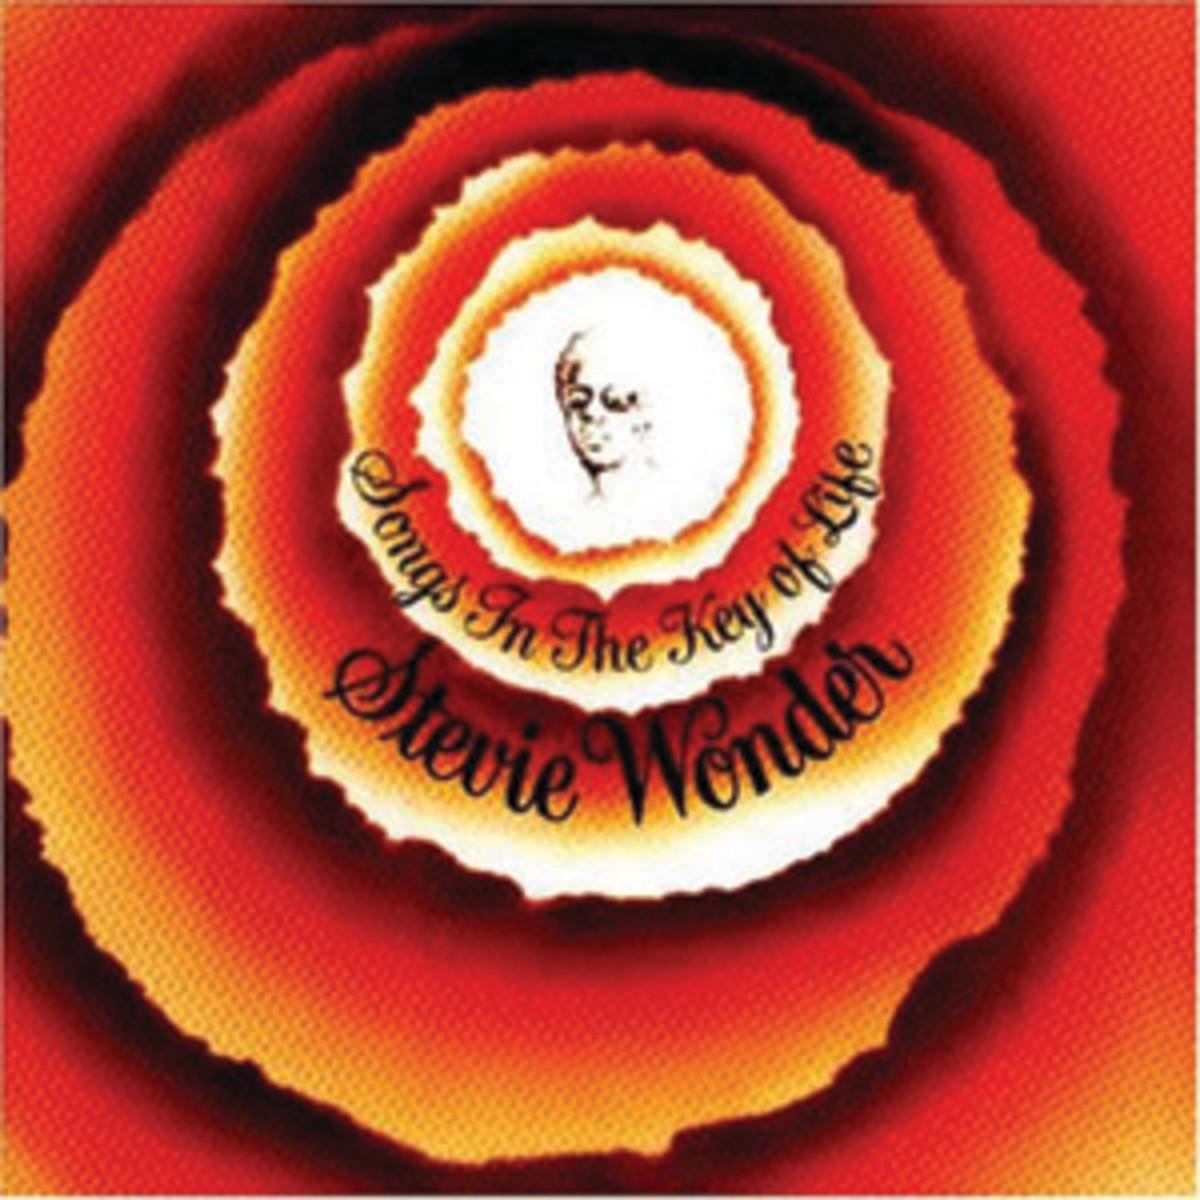 Stevie-Wonder-Songs-In-The-Key-464790_r